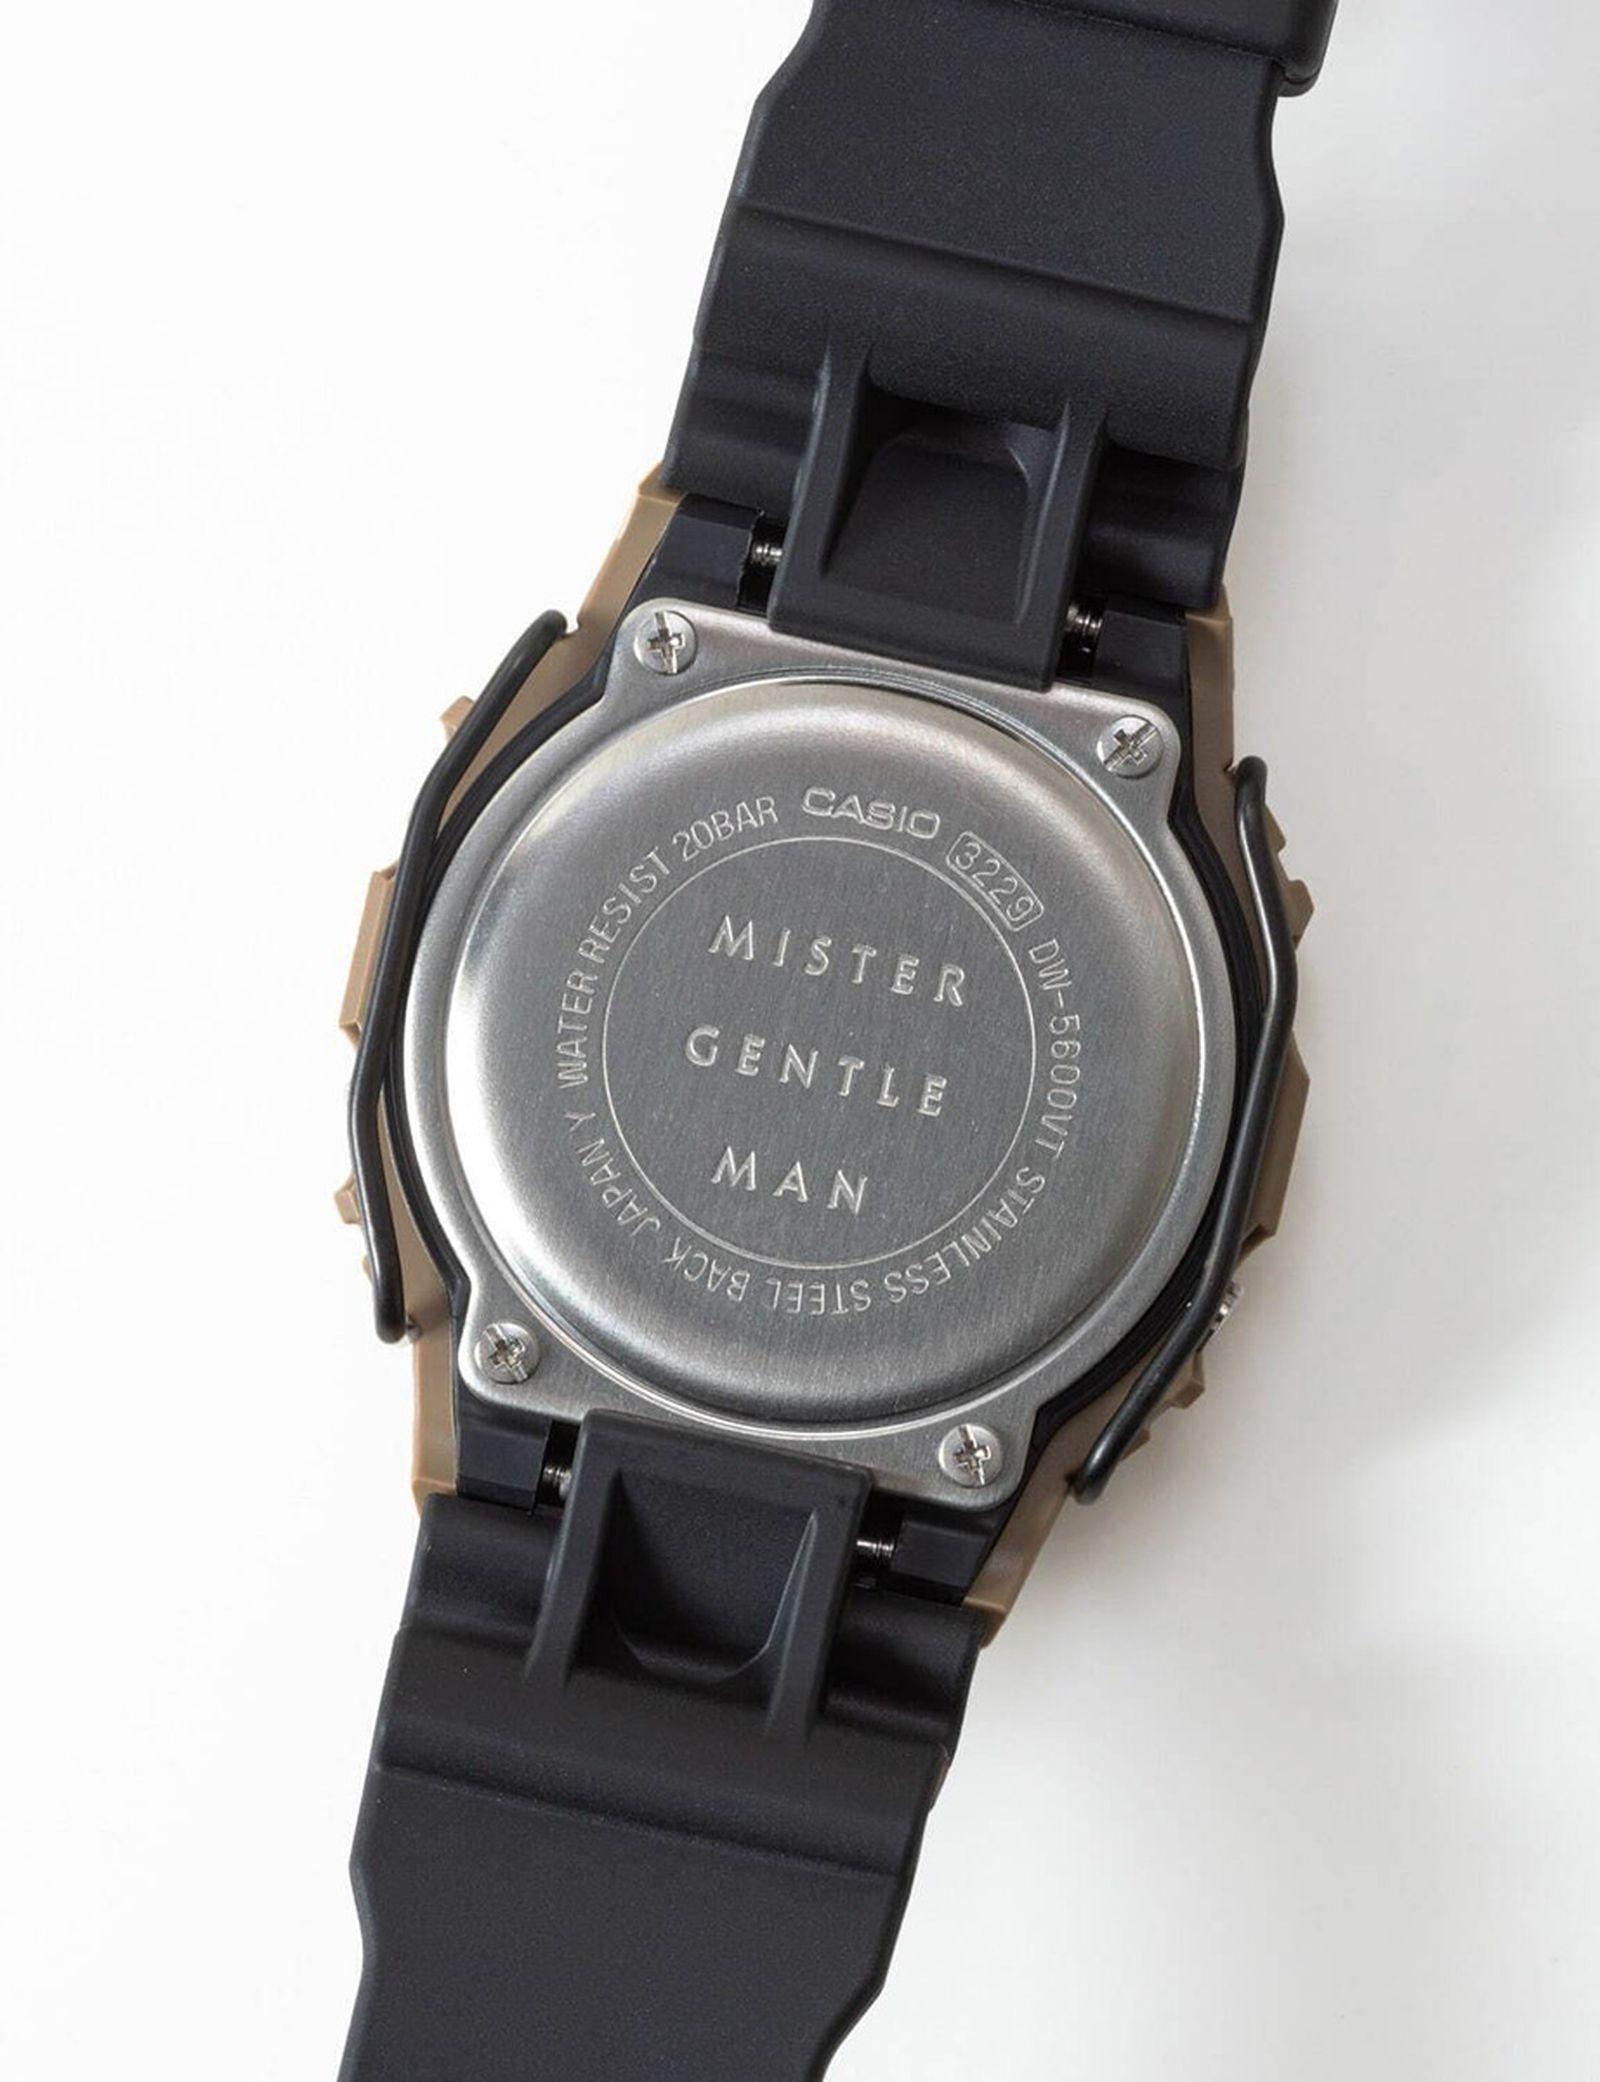 mistergentleman-g-shock-dw-5600e-watch-collaboration (5)